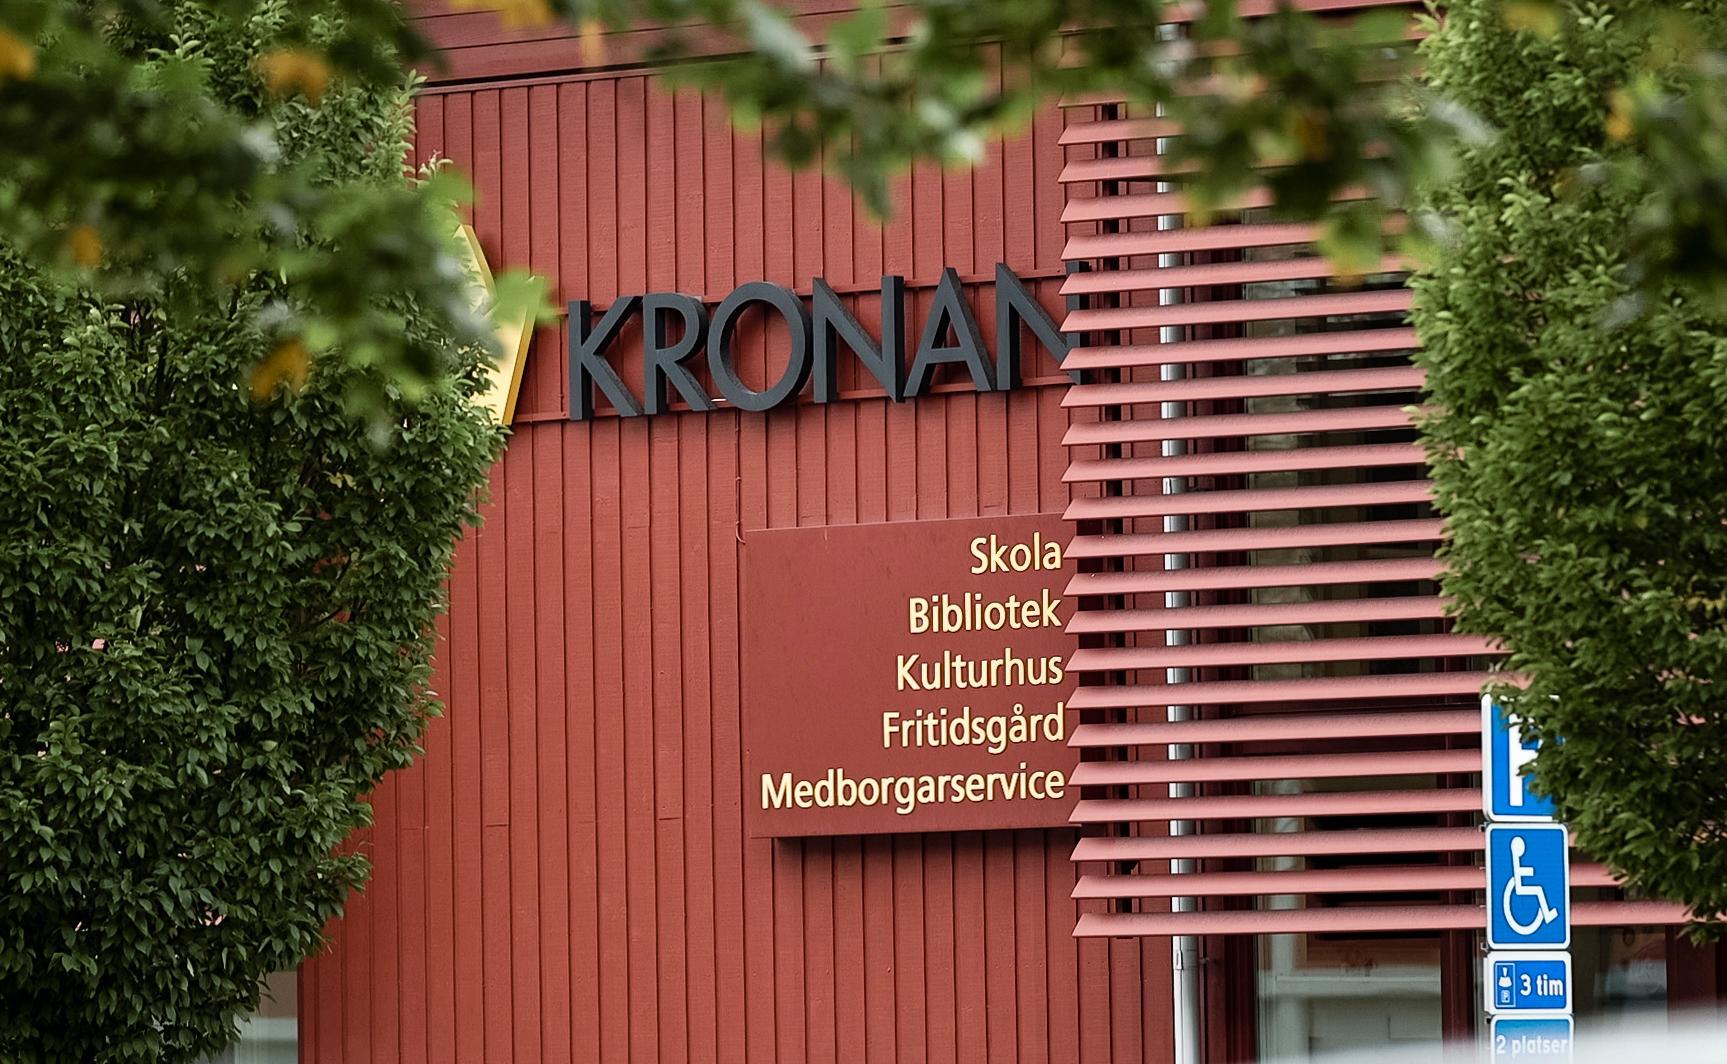 Många minns Kronan som skolan där det rasistiska dådet 2015 ägde rum, då en elev och två lärare höggs ihjäl av Anton Lundin.